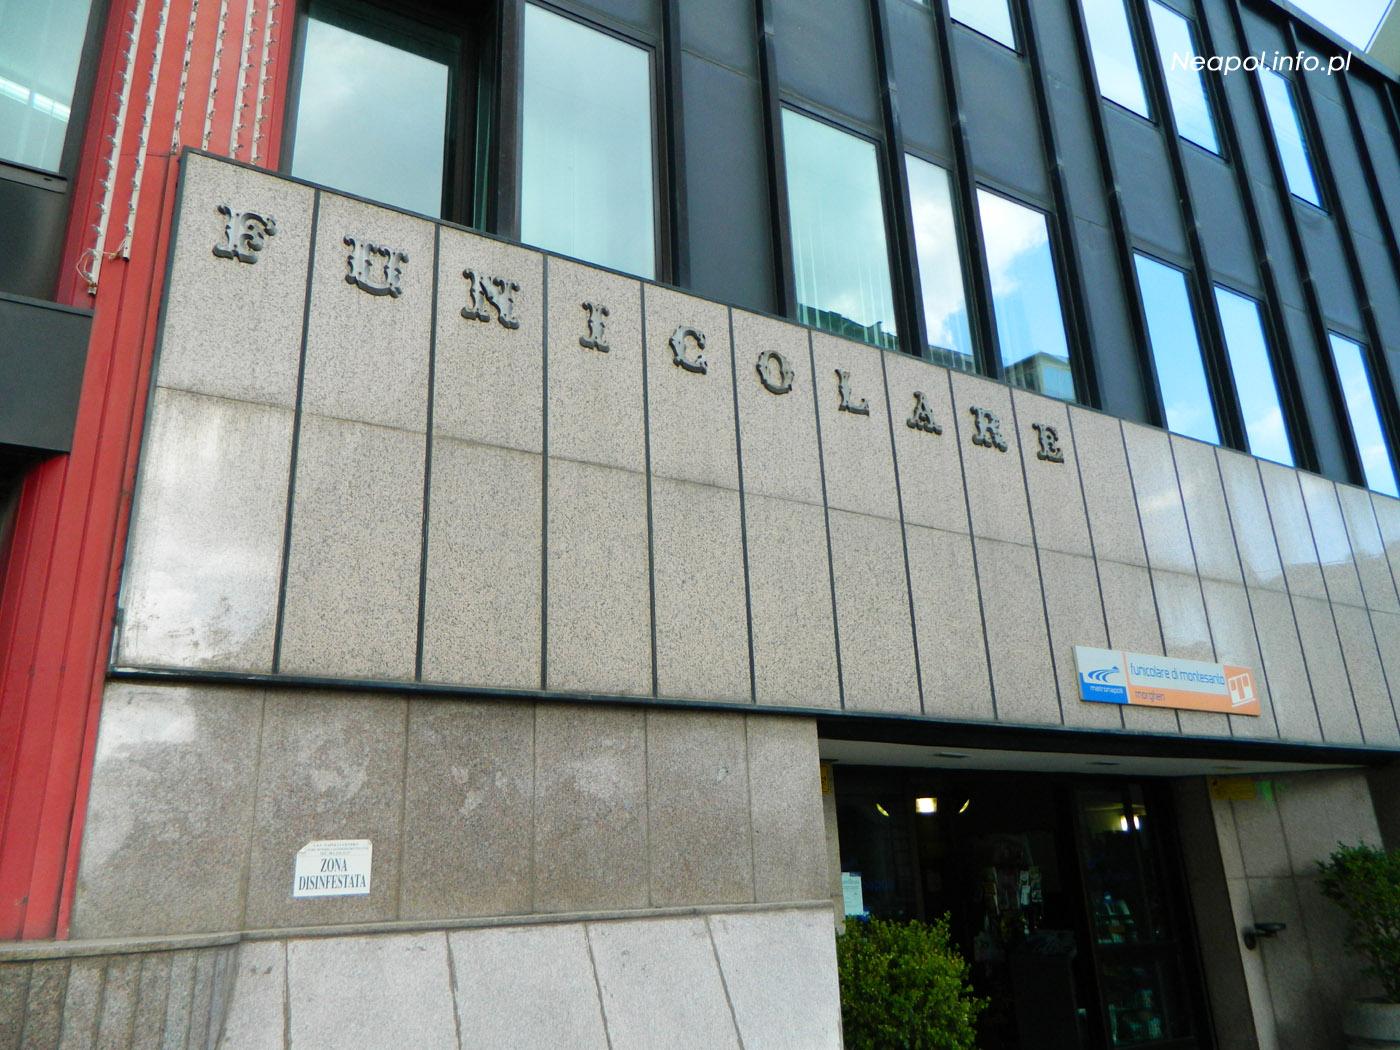 Funicolare - stacja kolejki